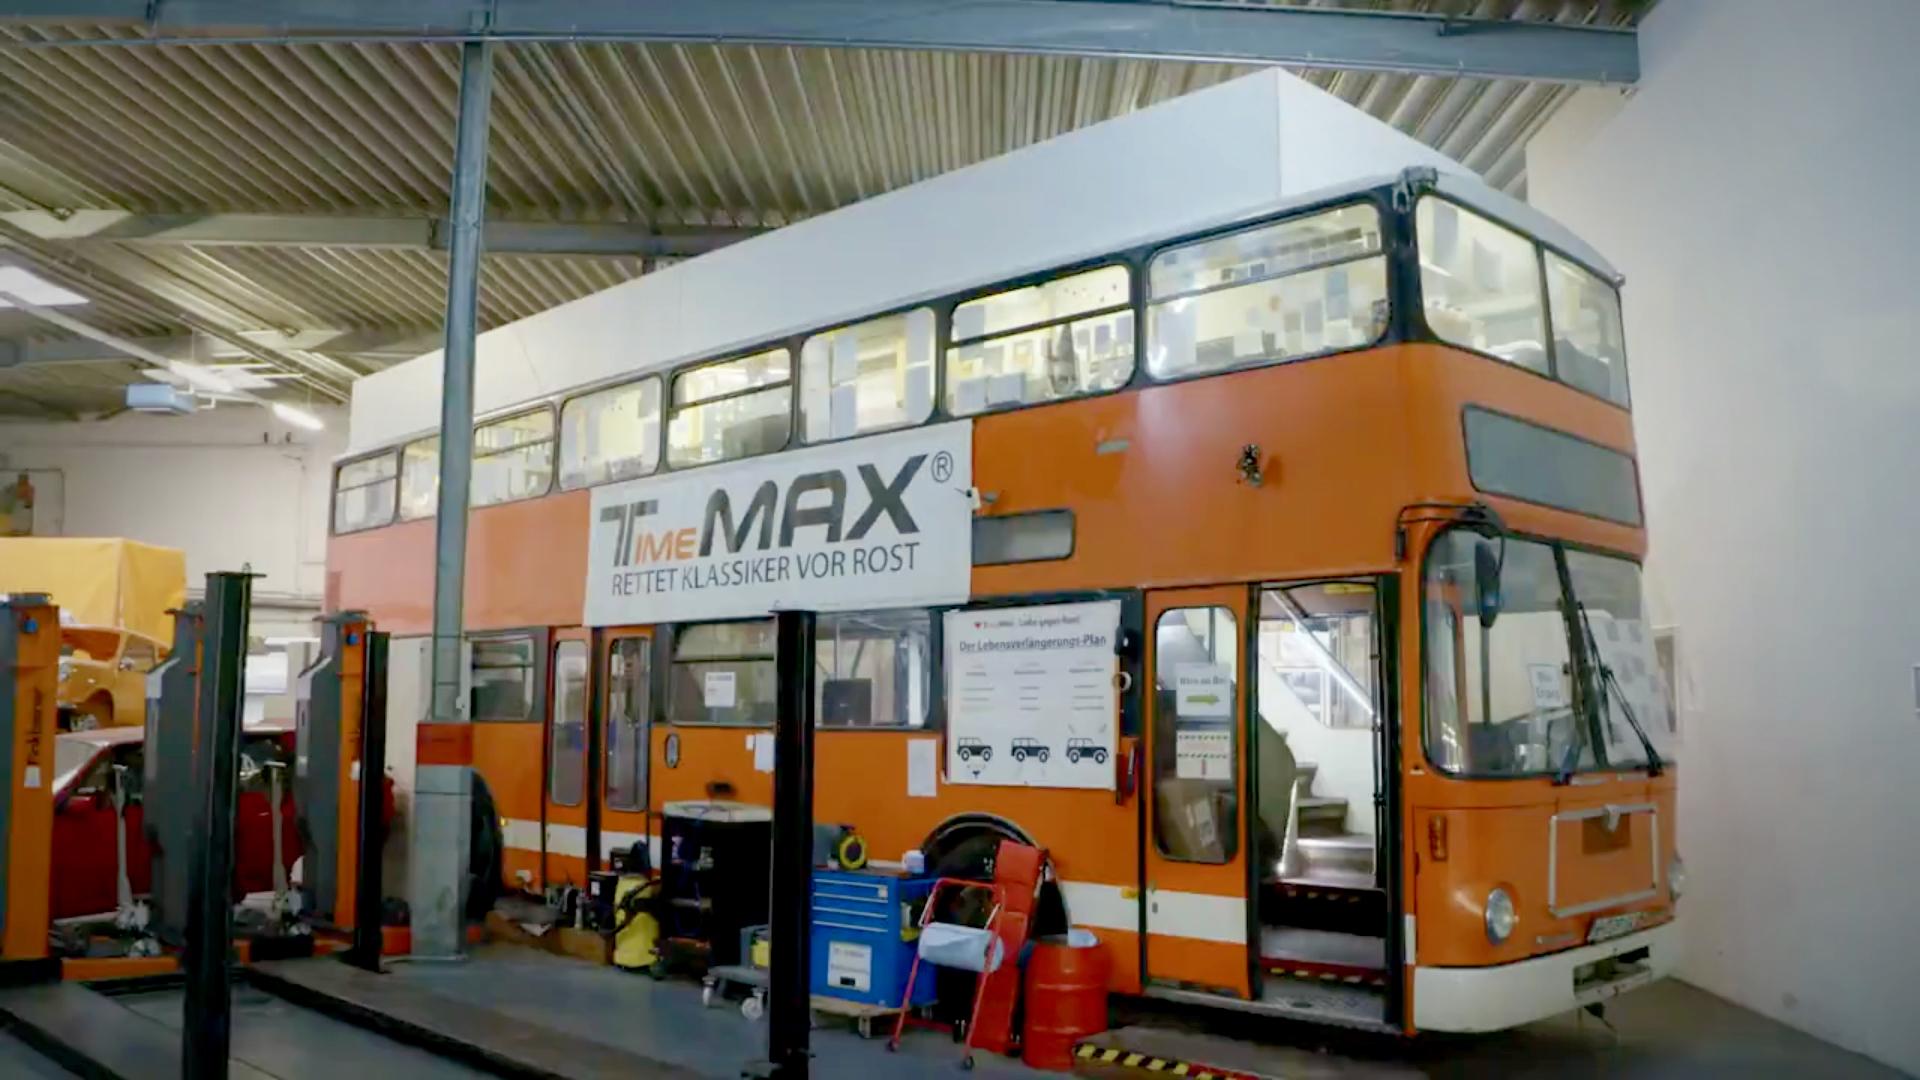 TimeMax GmbH und Co. KG Impression